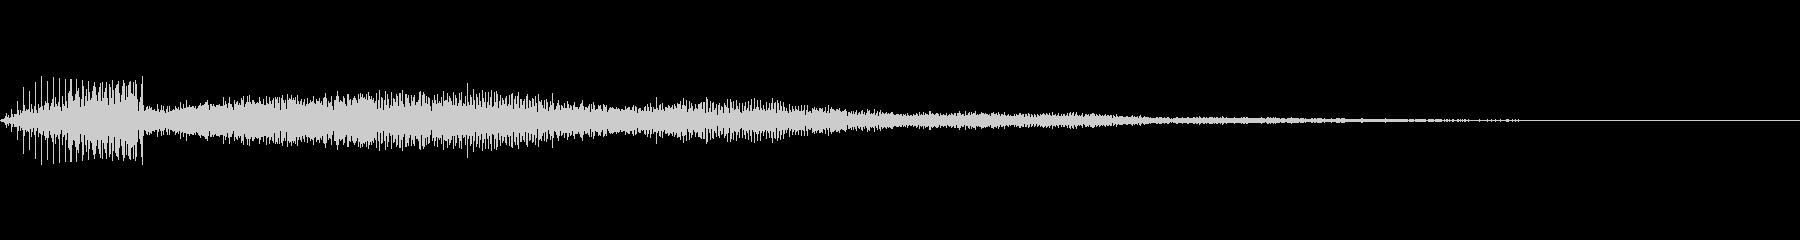 「ピッ」というセレクト音・操作音の未再生の波形